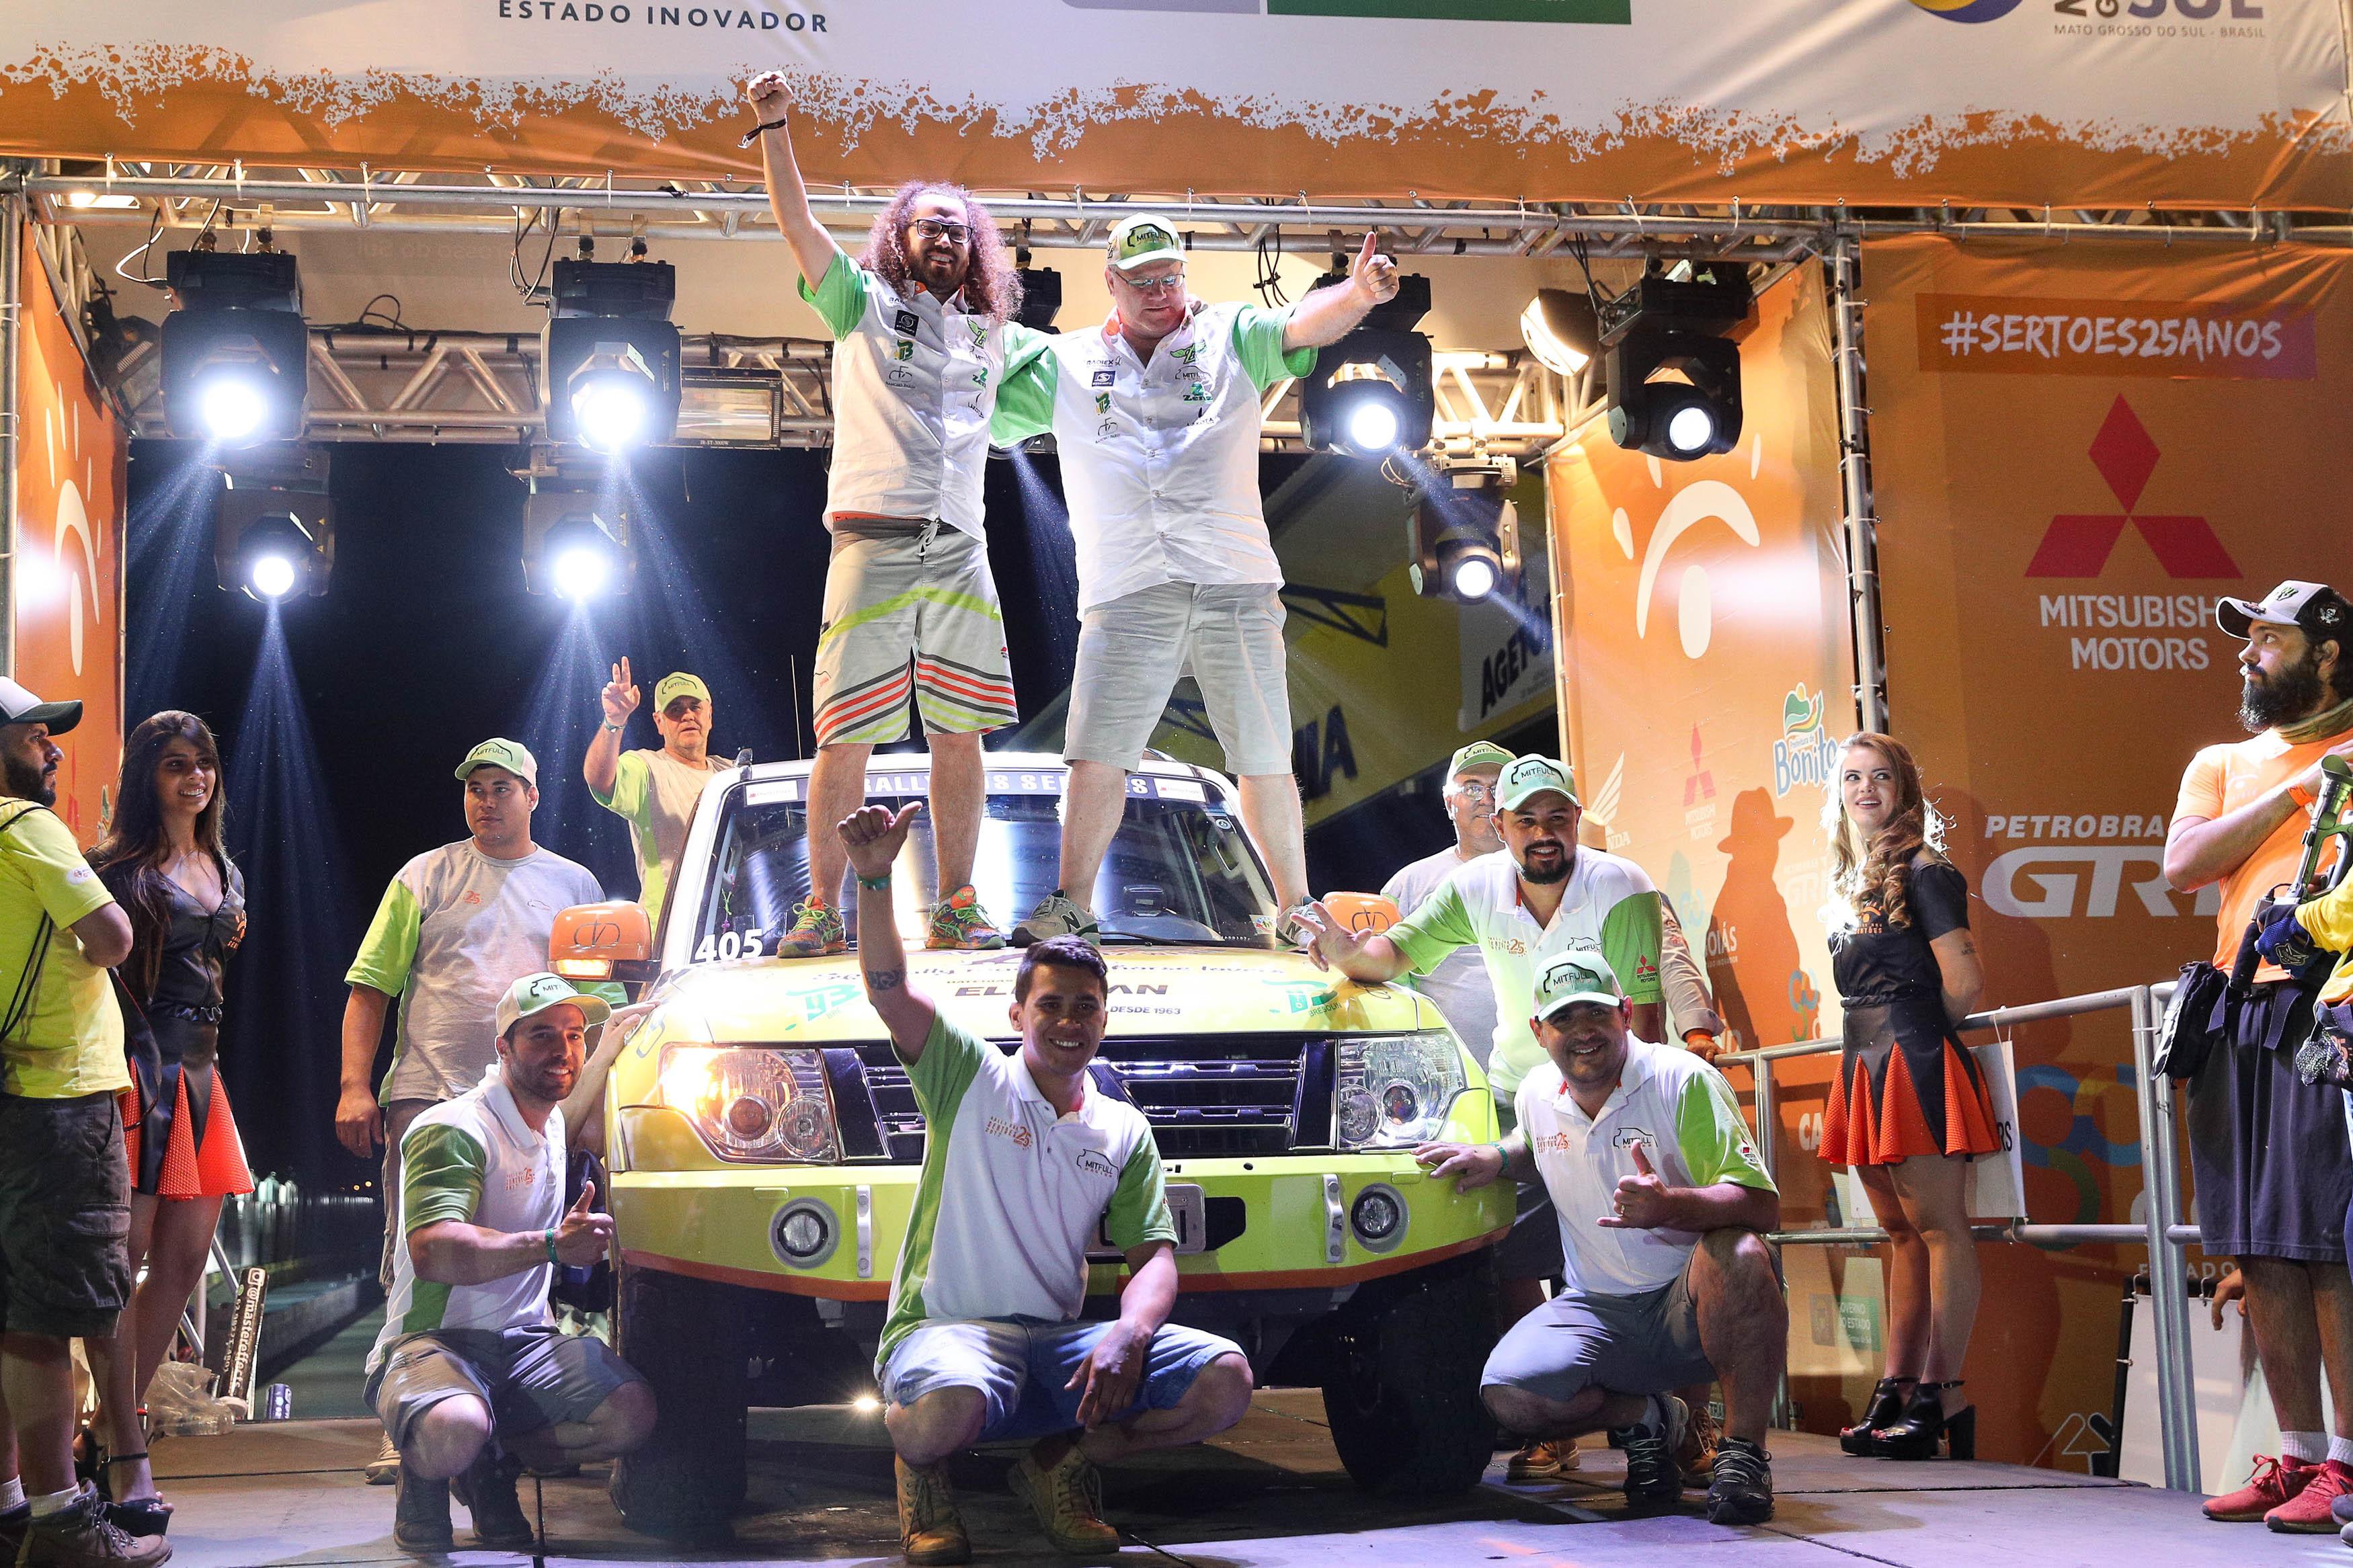 Rally dos Sertões: Otávio e Allan Enz completam em segundo o primeiro dia